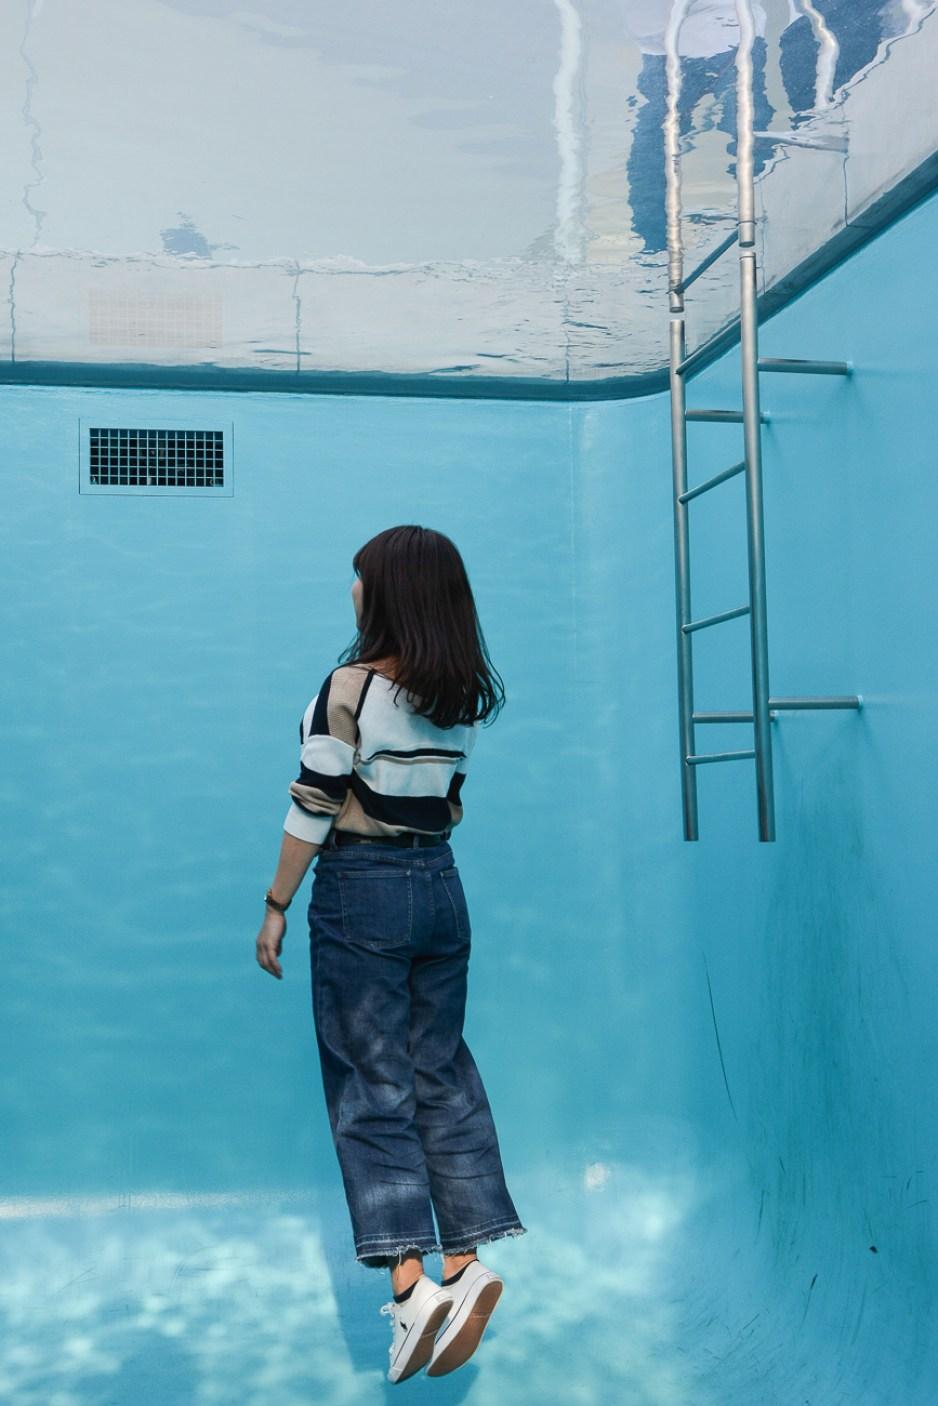 Le musée d'art contemporain du 21ème siècle de Kanazawa, dans les Alpes Japonaises, construit par les architectes Kazuyo Sejima et Ryūe Nishizawa de l'agence Sanaa avec l'oeuvre de la piscine de Leando Erlich